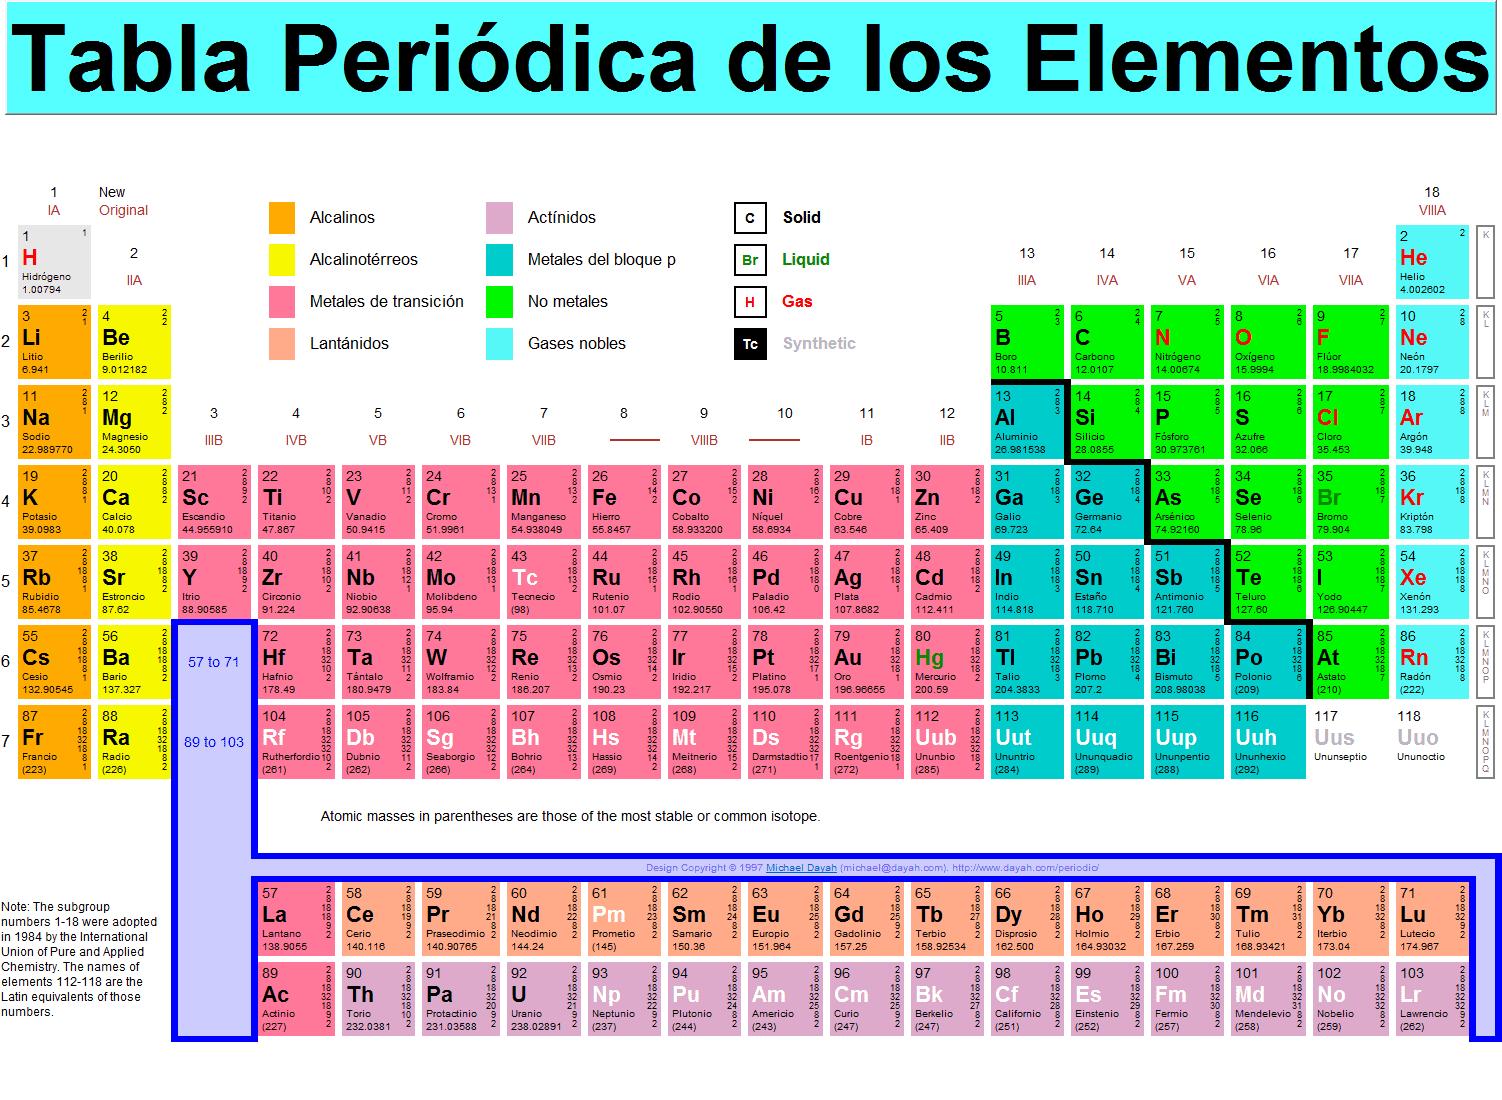 elemento forman primer periodo quimica: